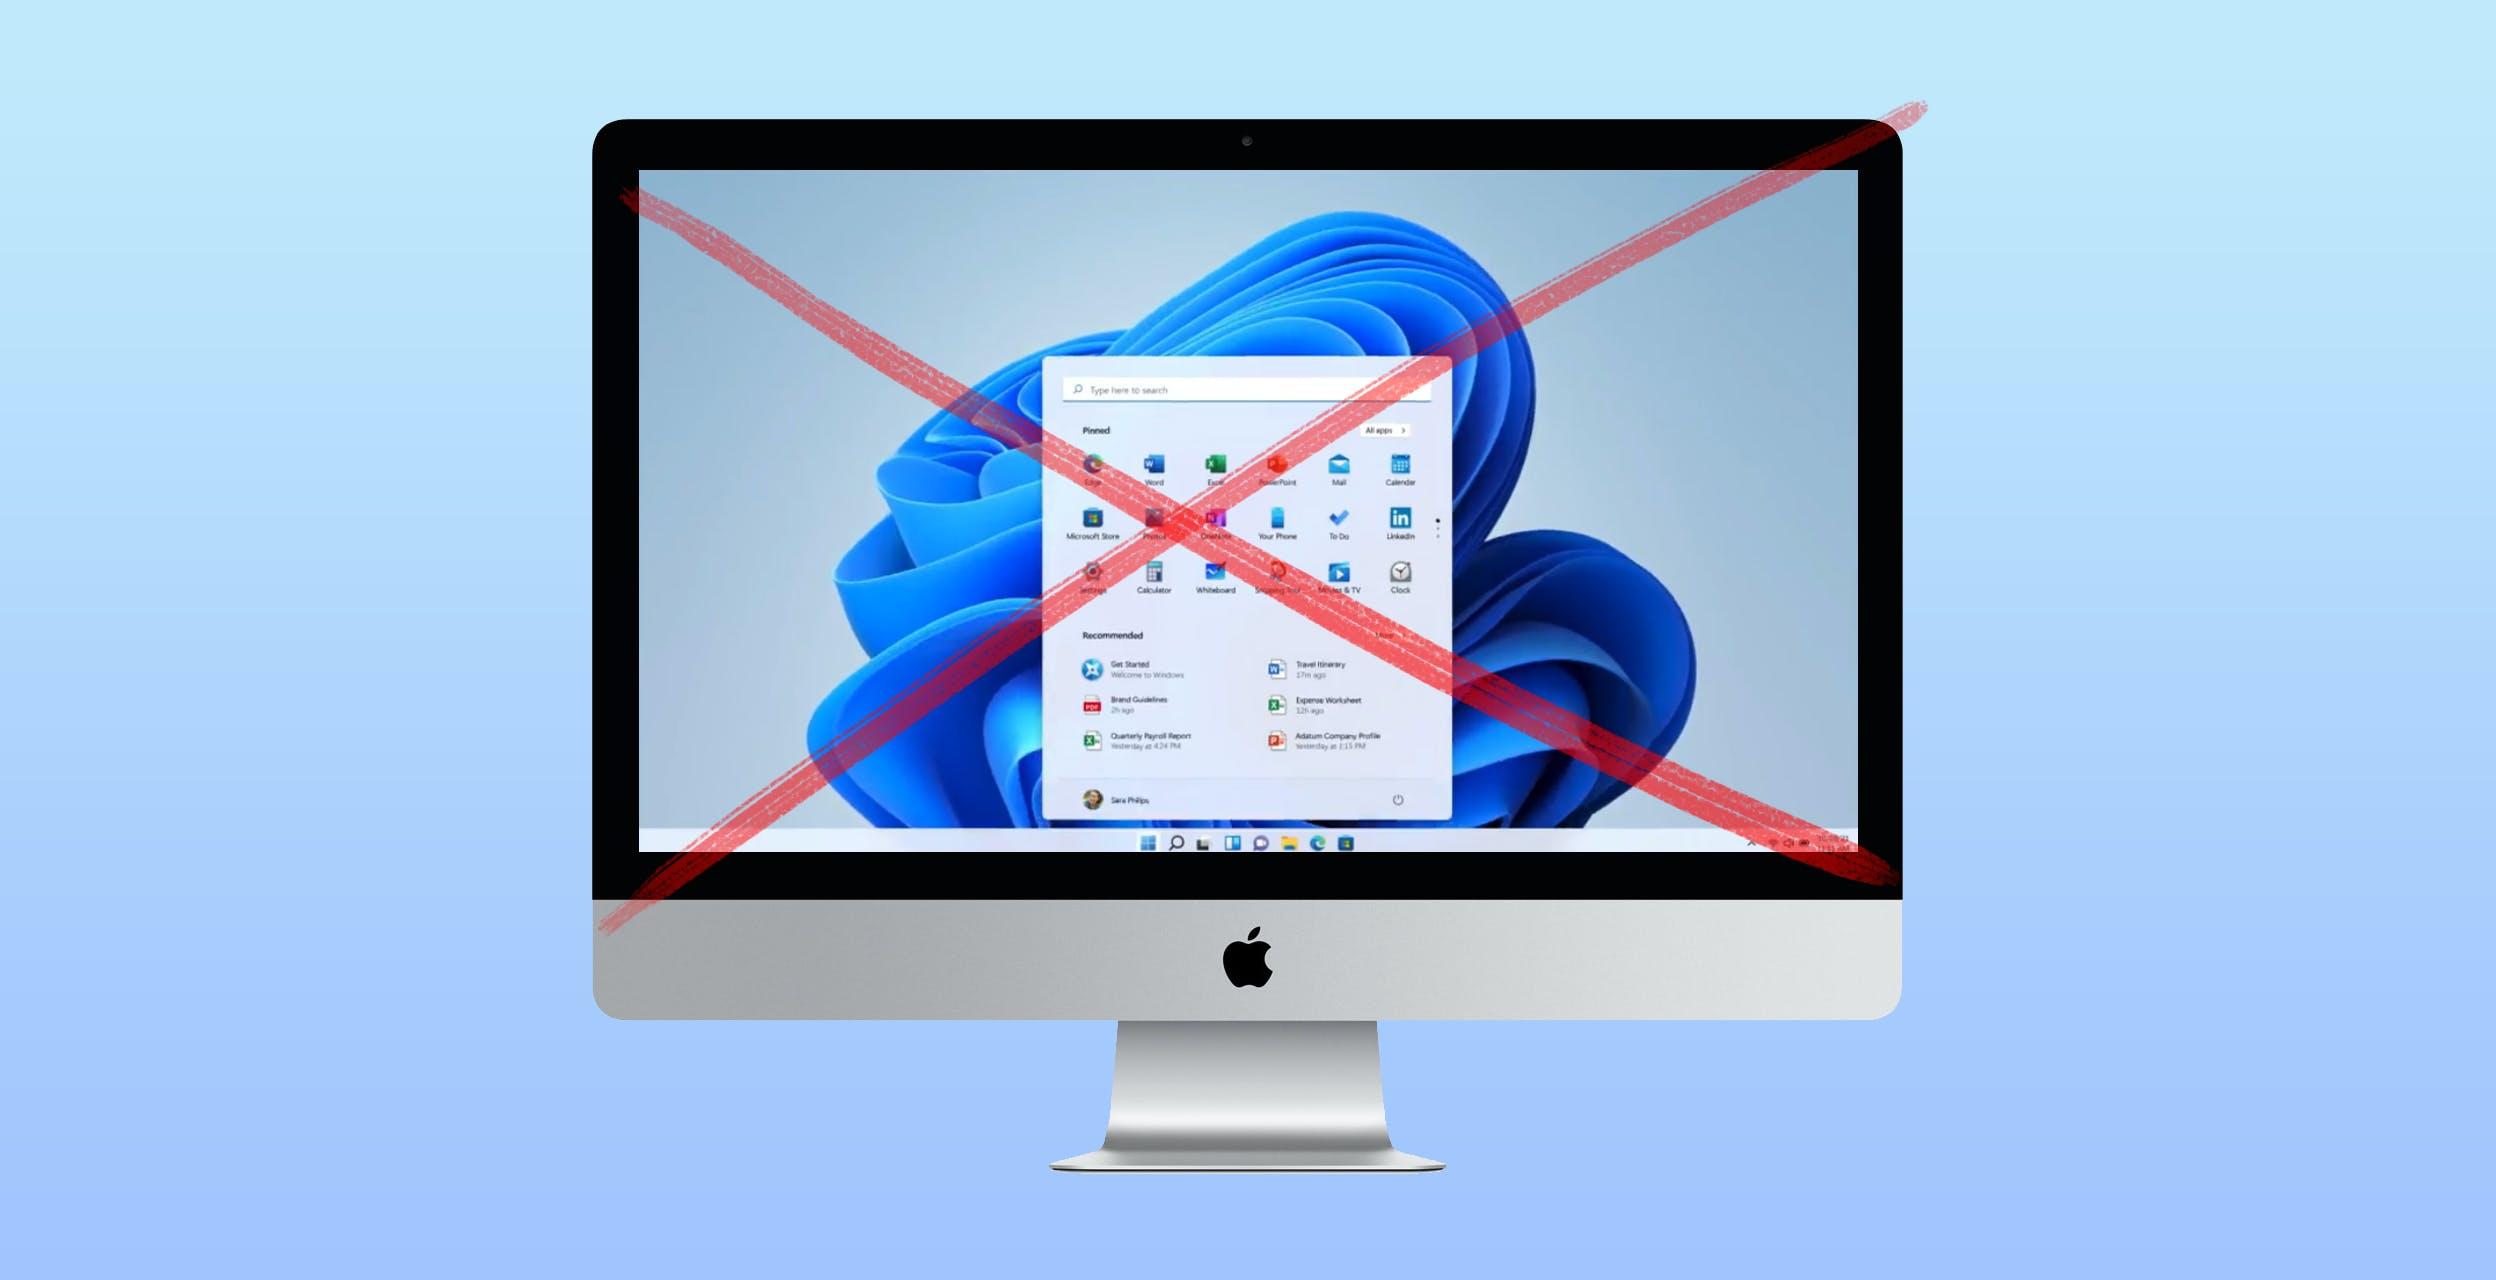 Microsoft non supporterà ufficialmente Windows 11 on ARM virtualizzato sui Mac con M1